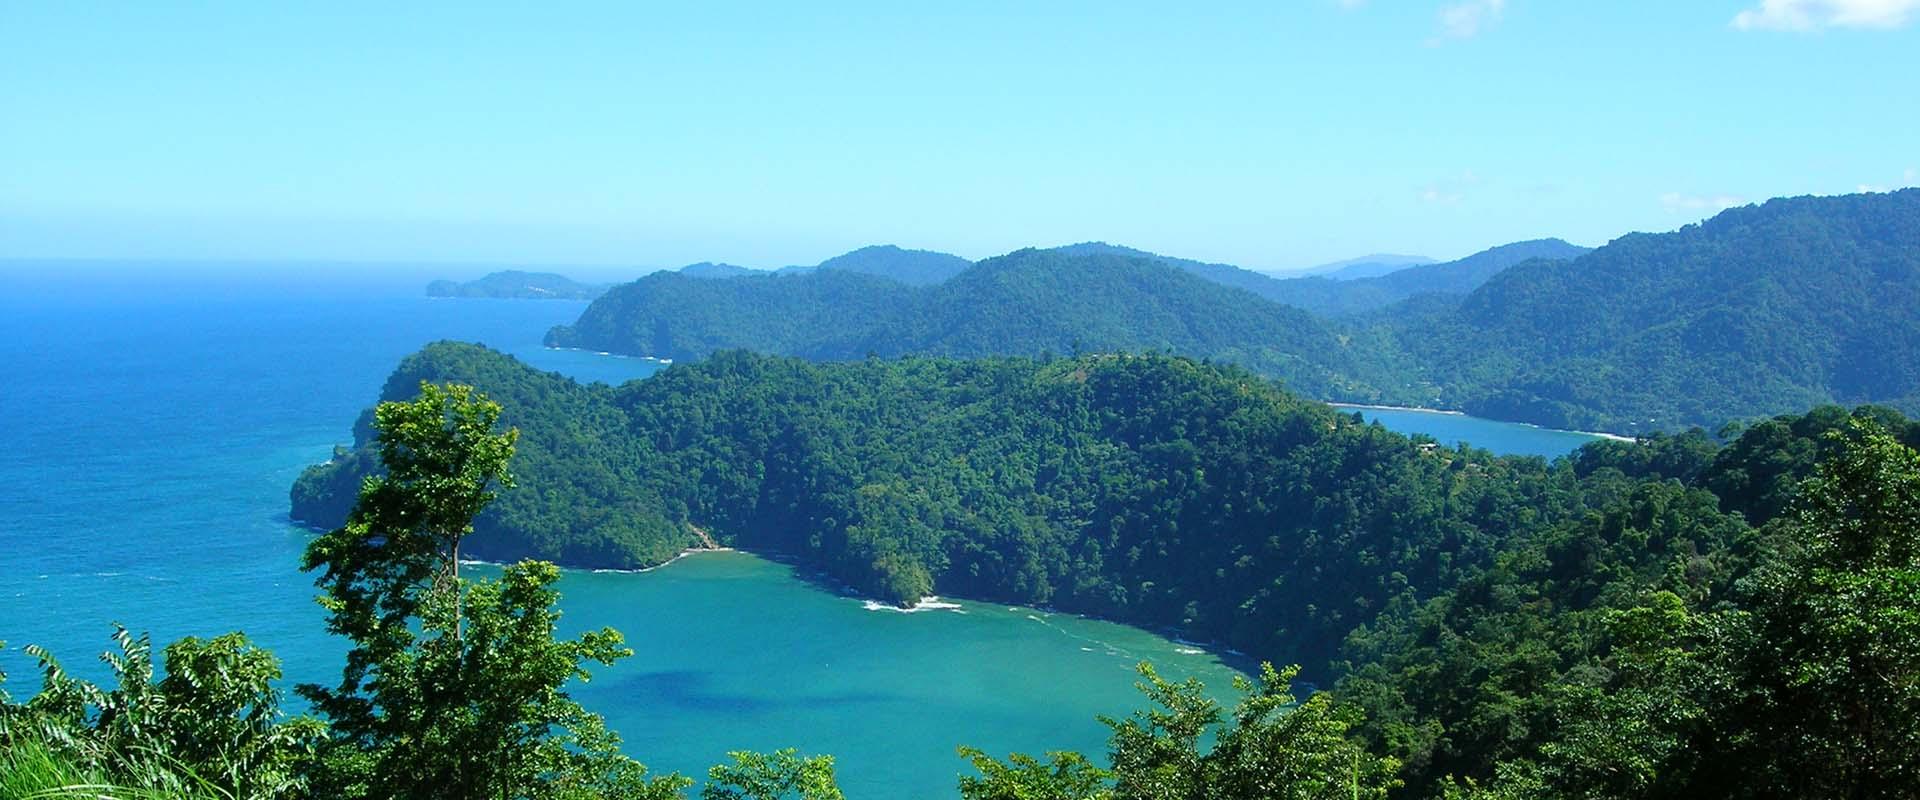 Trinidad and Tobago Public Holidays - PublicHolidays.la